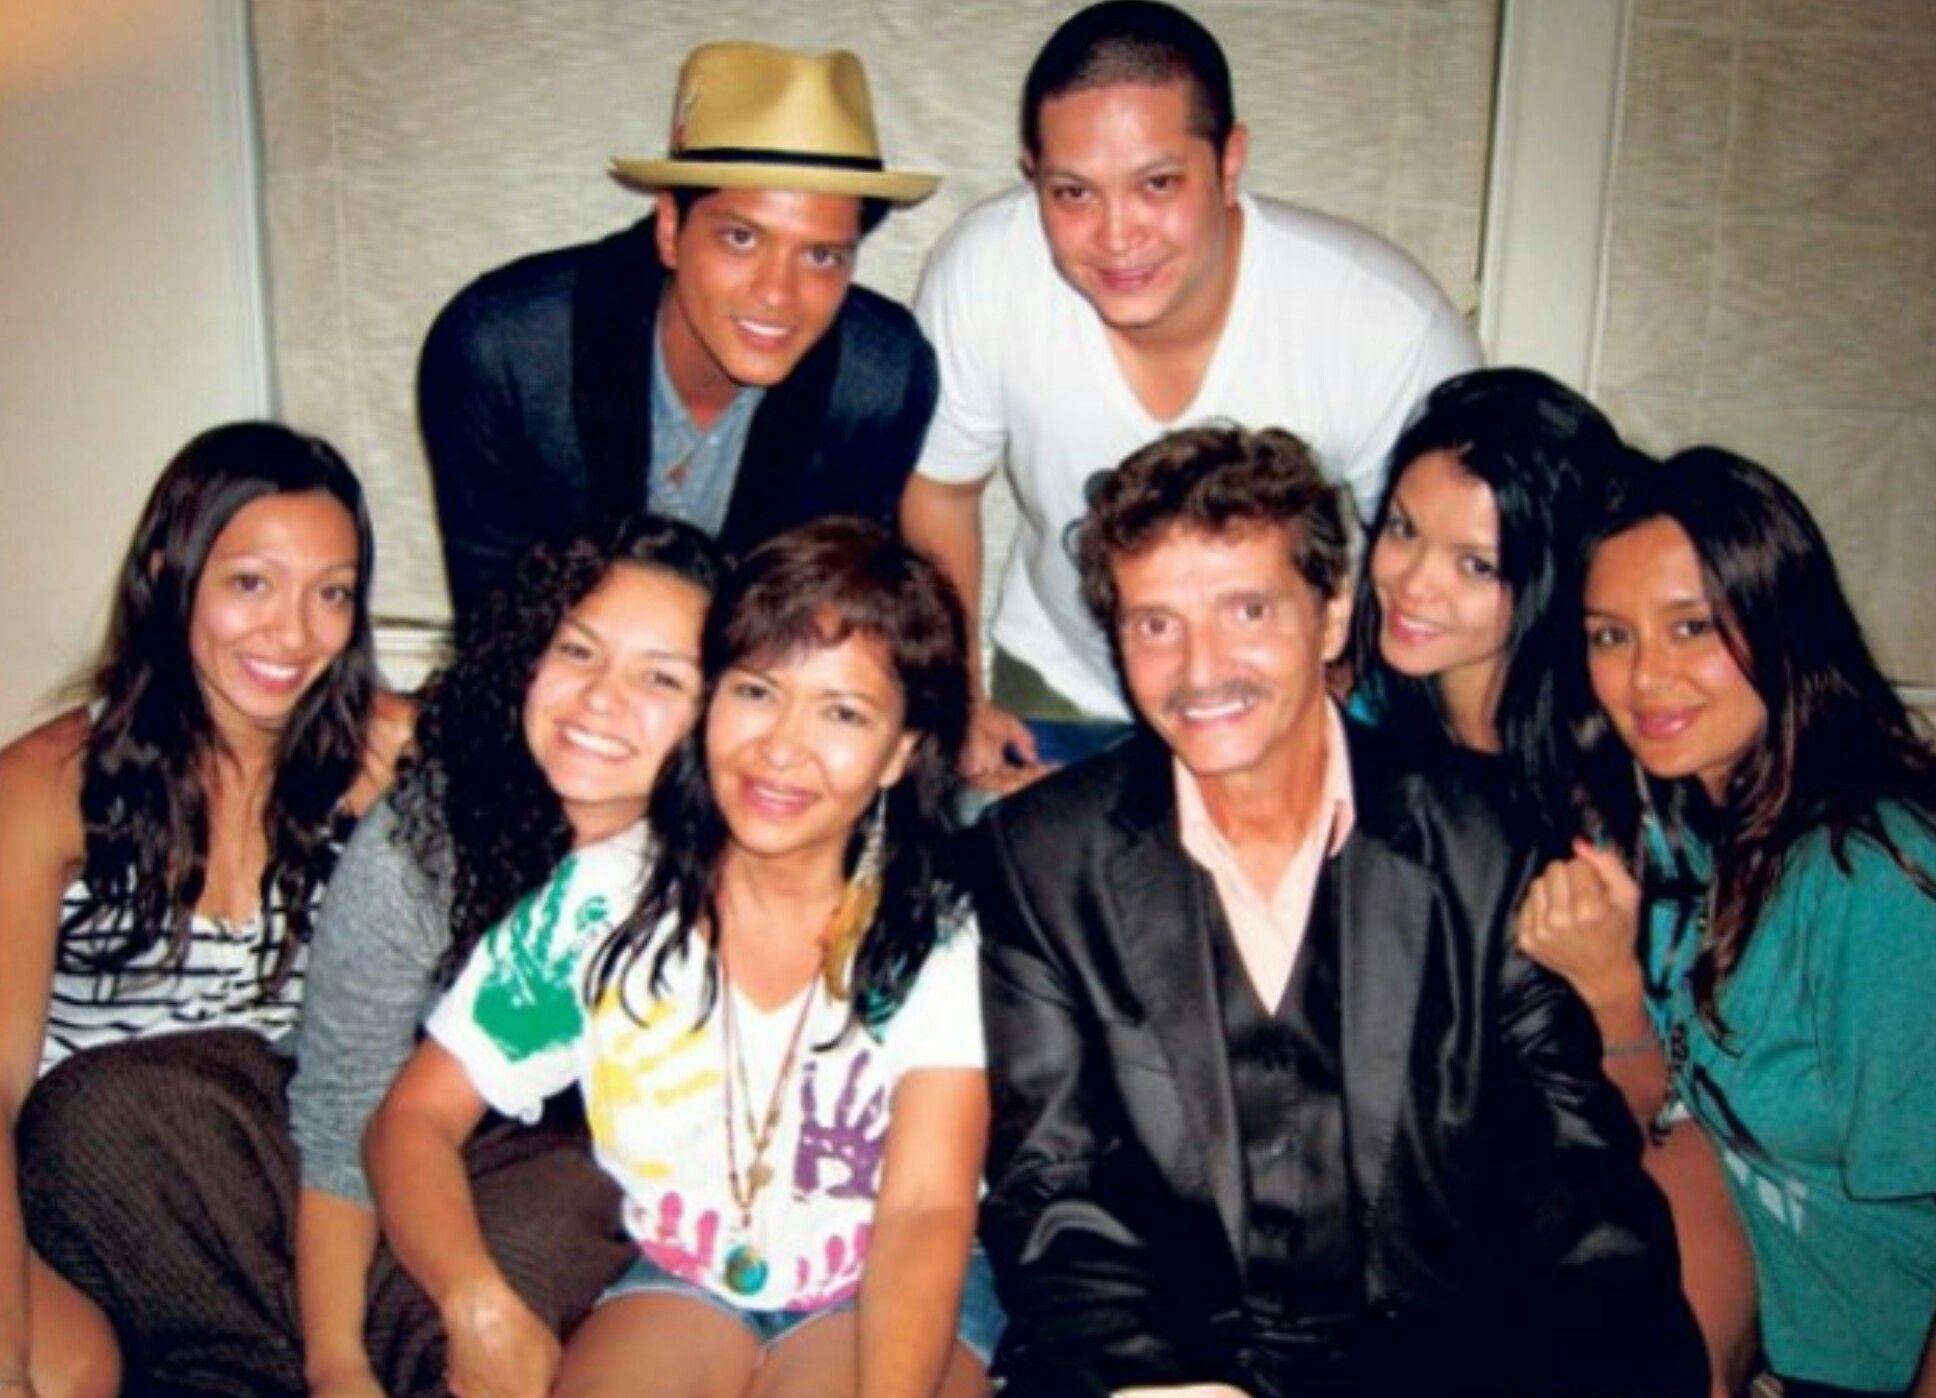 foto: 1 - Bruno Mars completa 34 anos hoje. Veja aqui alguns curiosidades